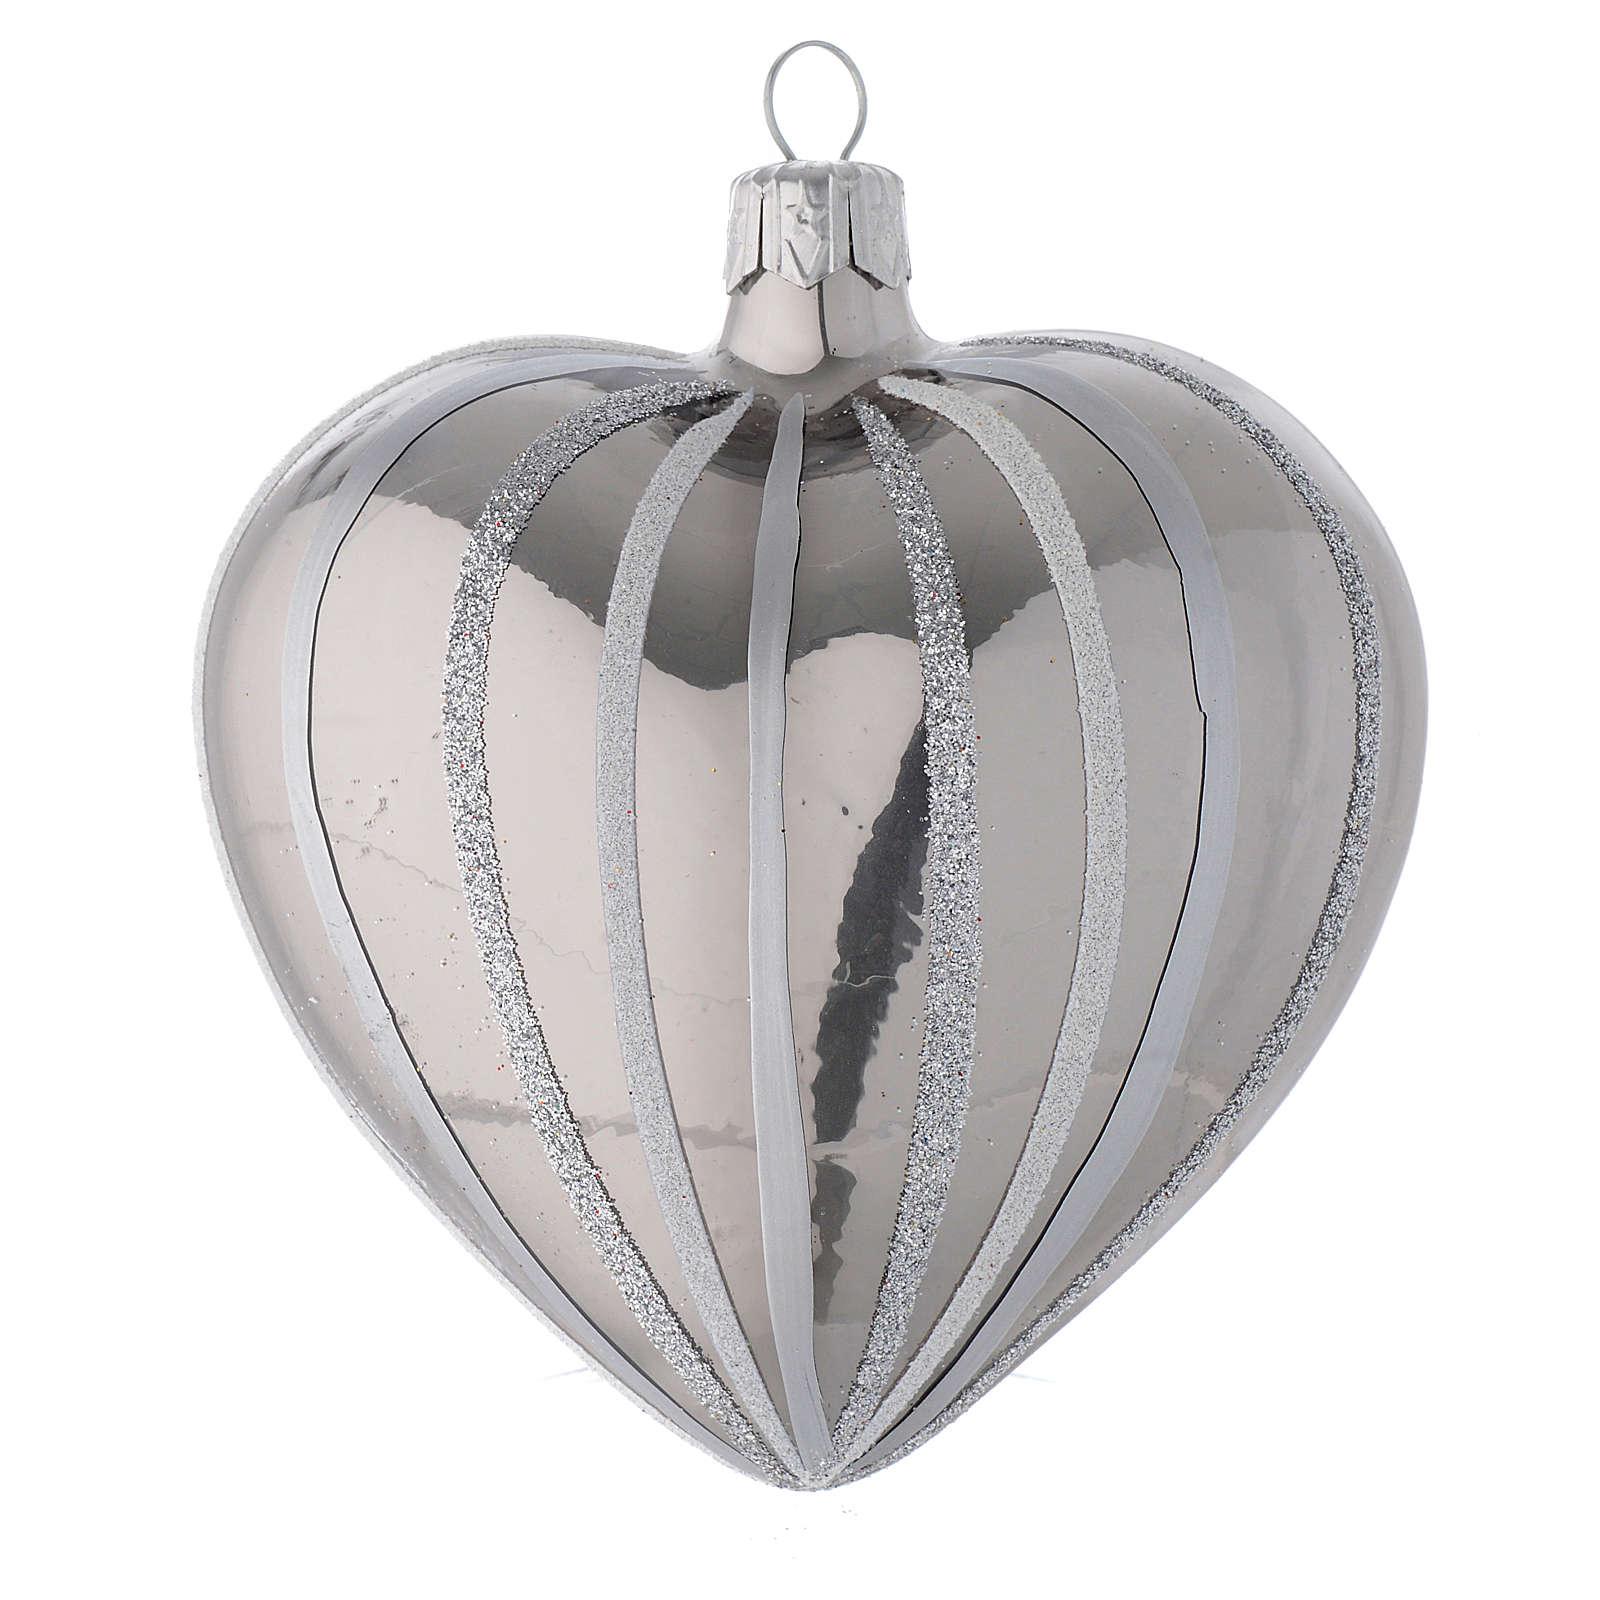 Bombka bożonarodzeniowa w kształcie serca szkło koloru srebrnego dekoracje paski 100mm 4